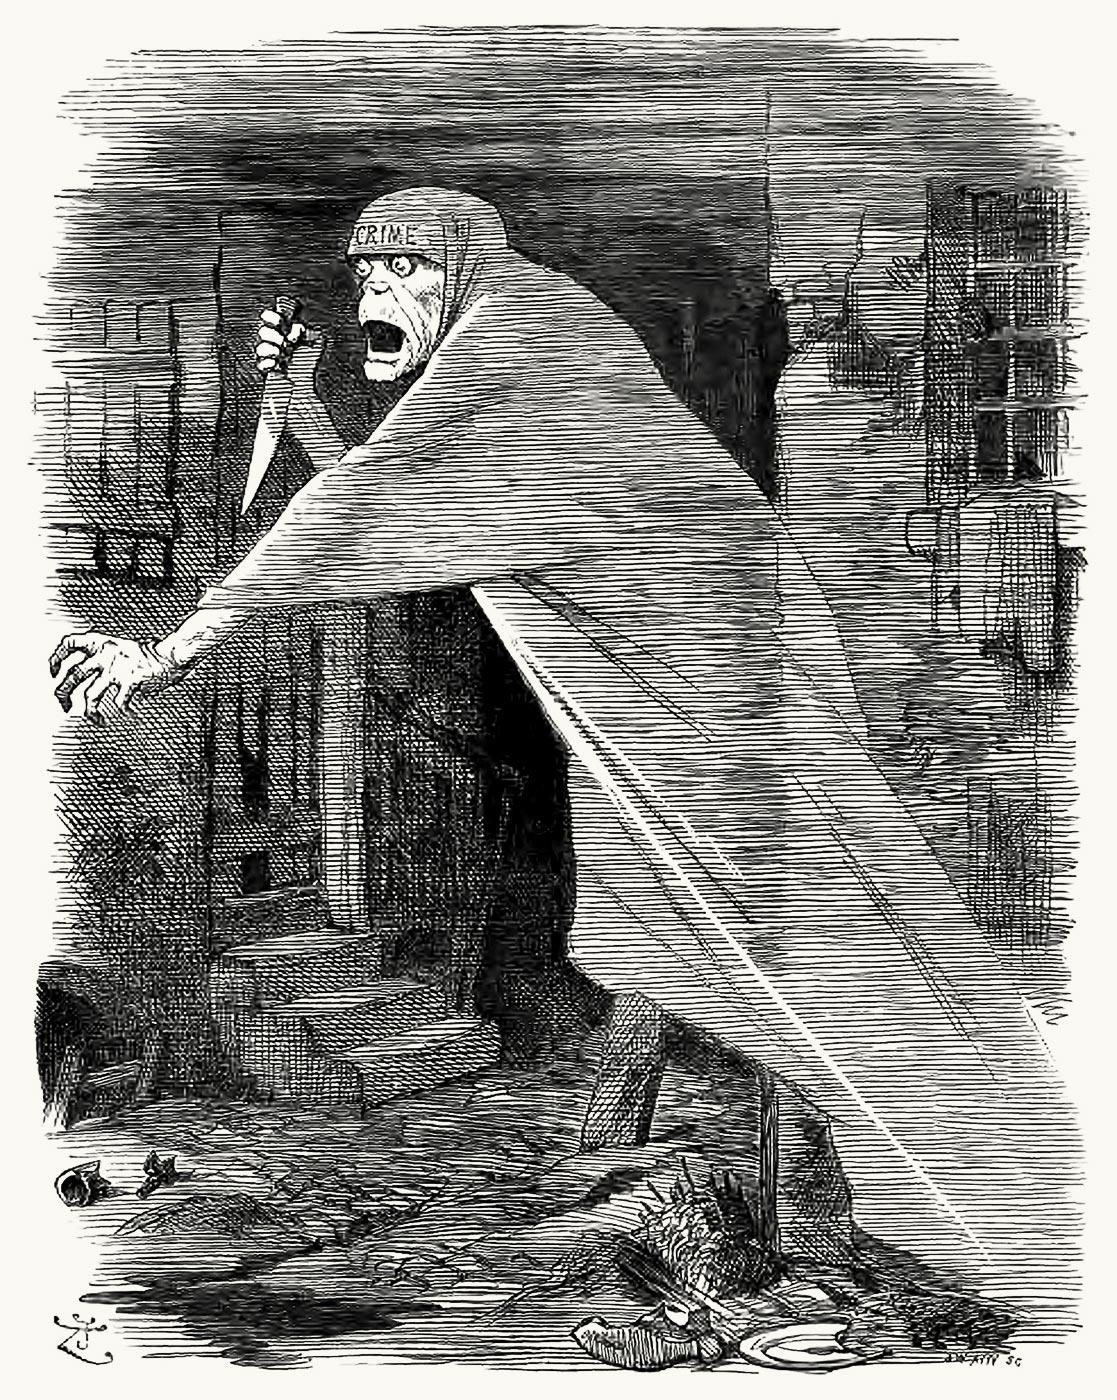 """O """"Nemesis da Negligência"""": Jack, o Estripador retratado como um fantasma perseguidor de Whitechapel, e como uma encarnação da negligência social, em um desenho de 1888."""